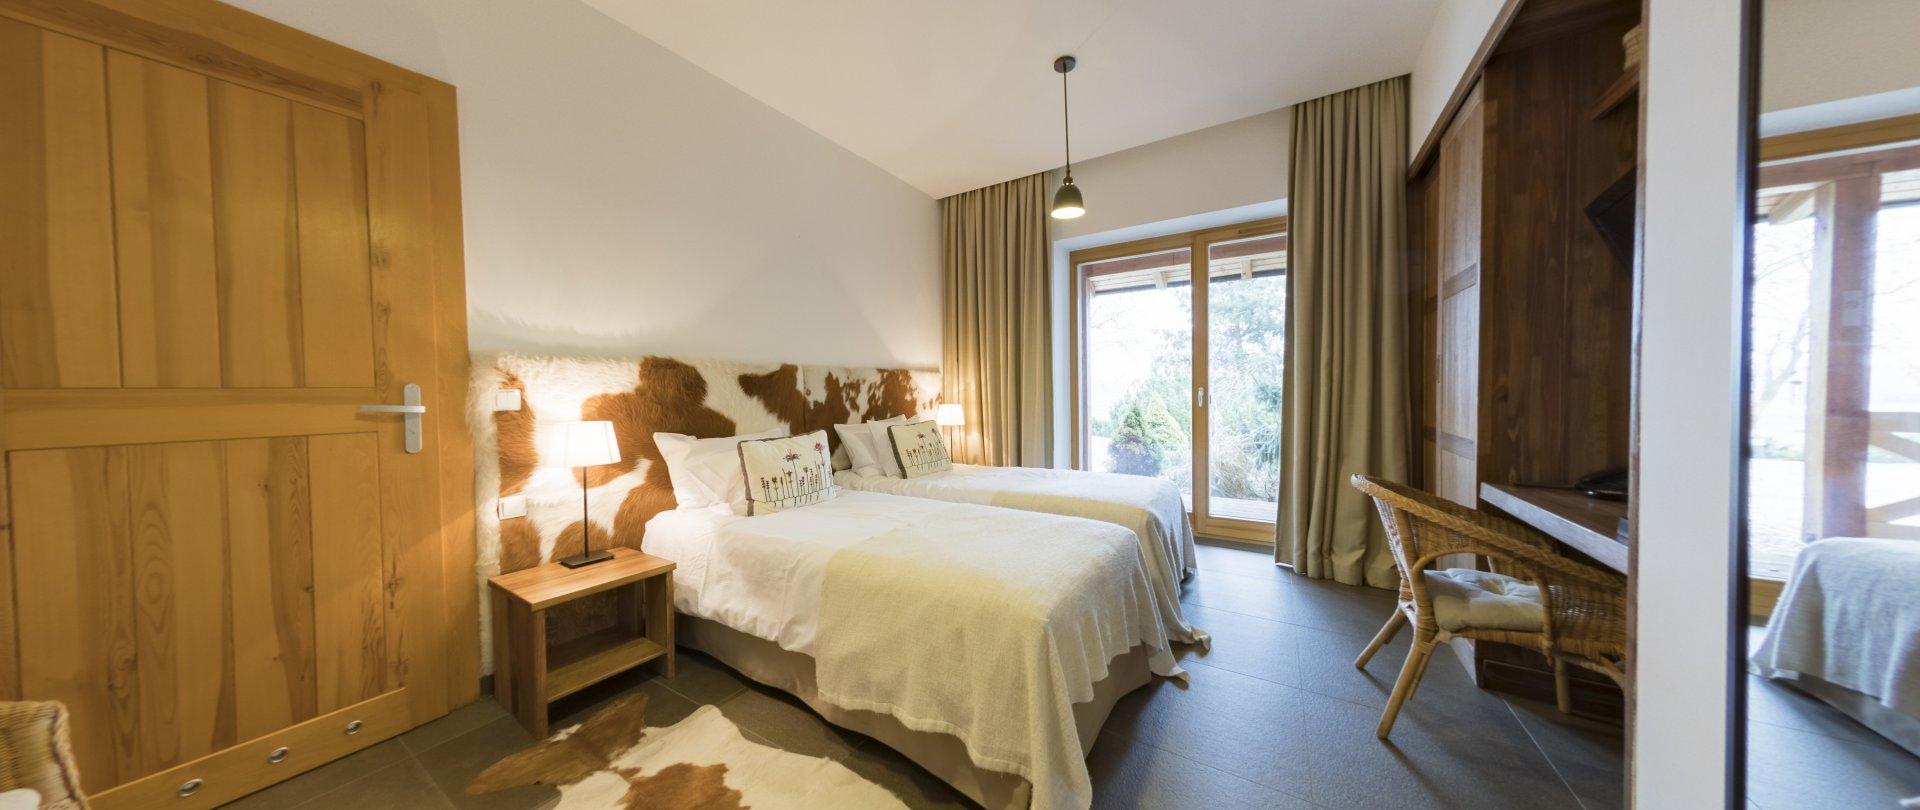 Pokój standard 2 osobowy Hotel za Parkiem